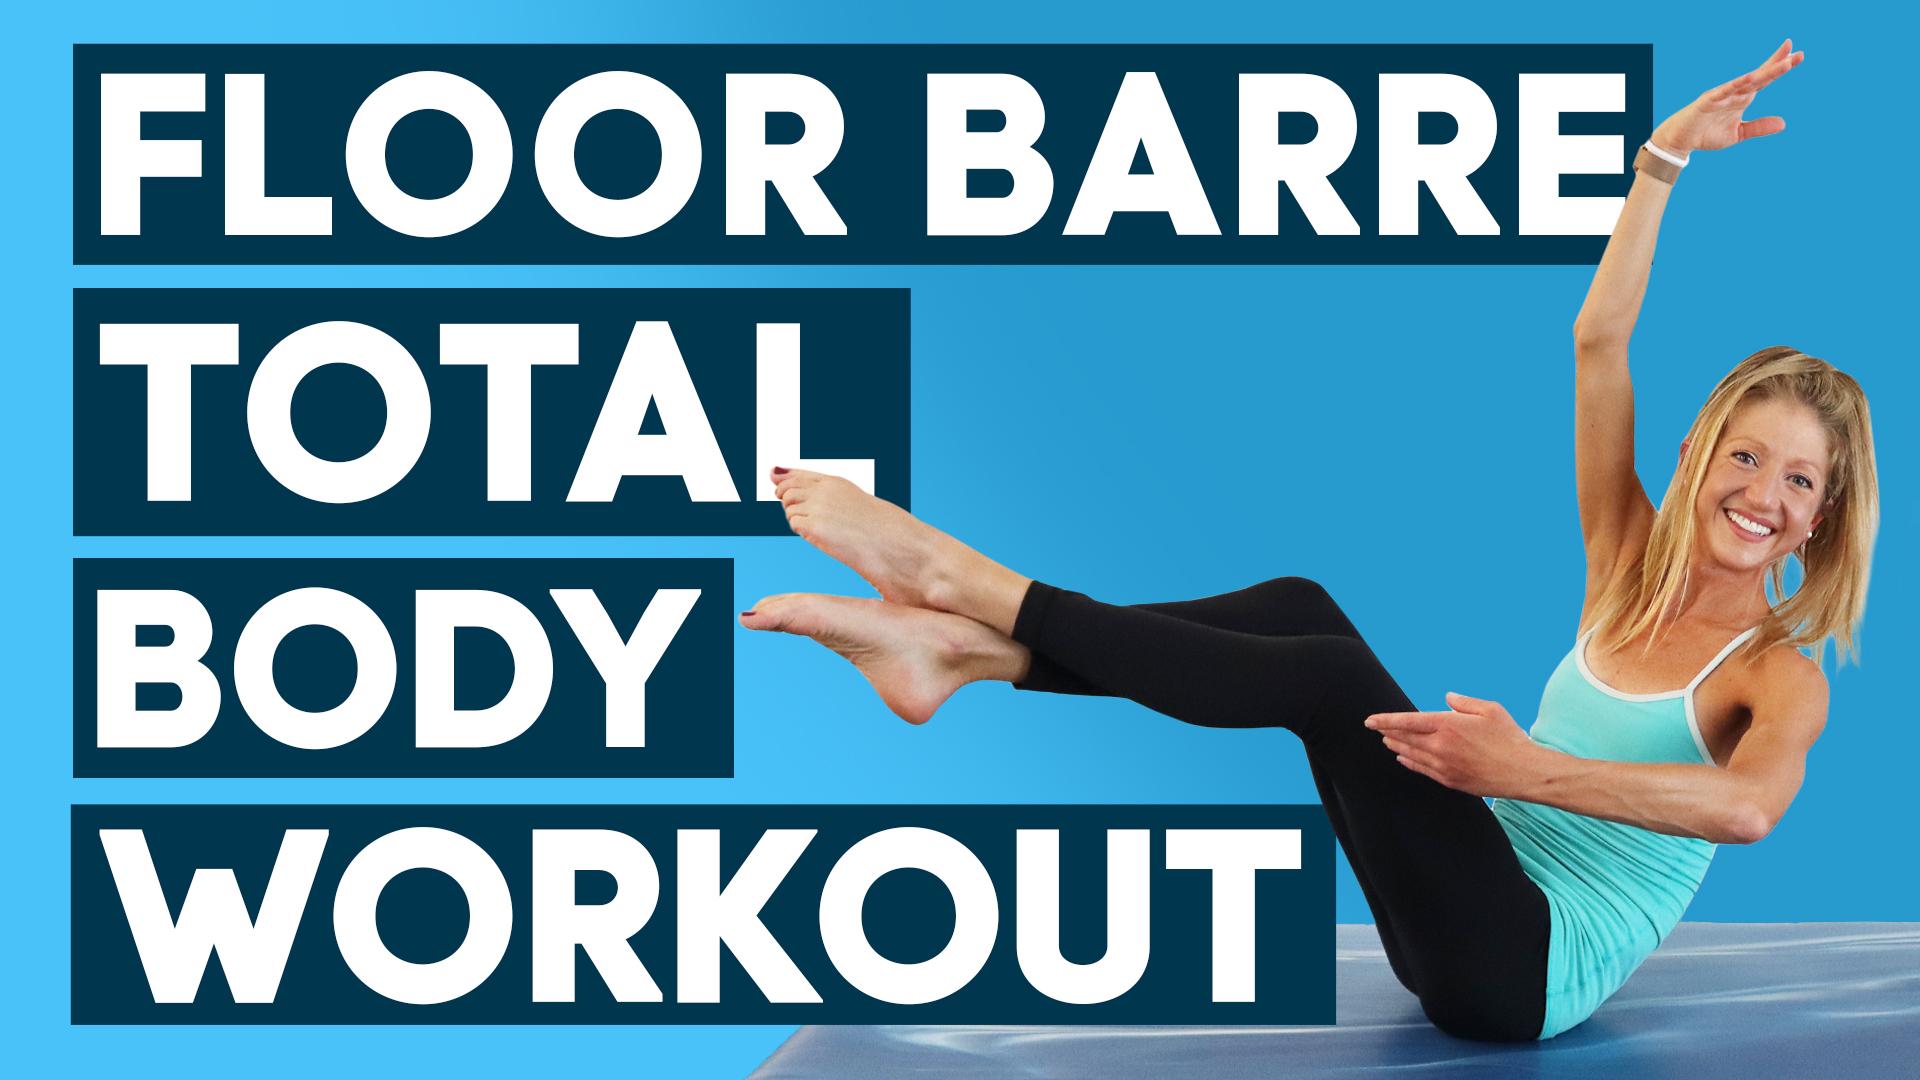 Floor Barre